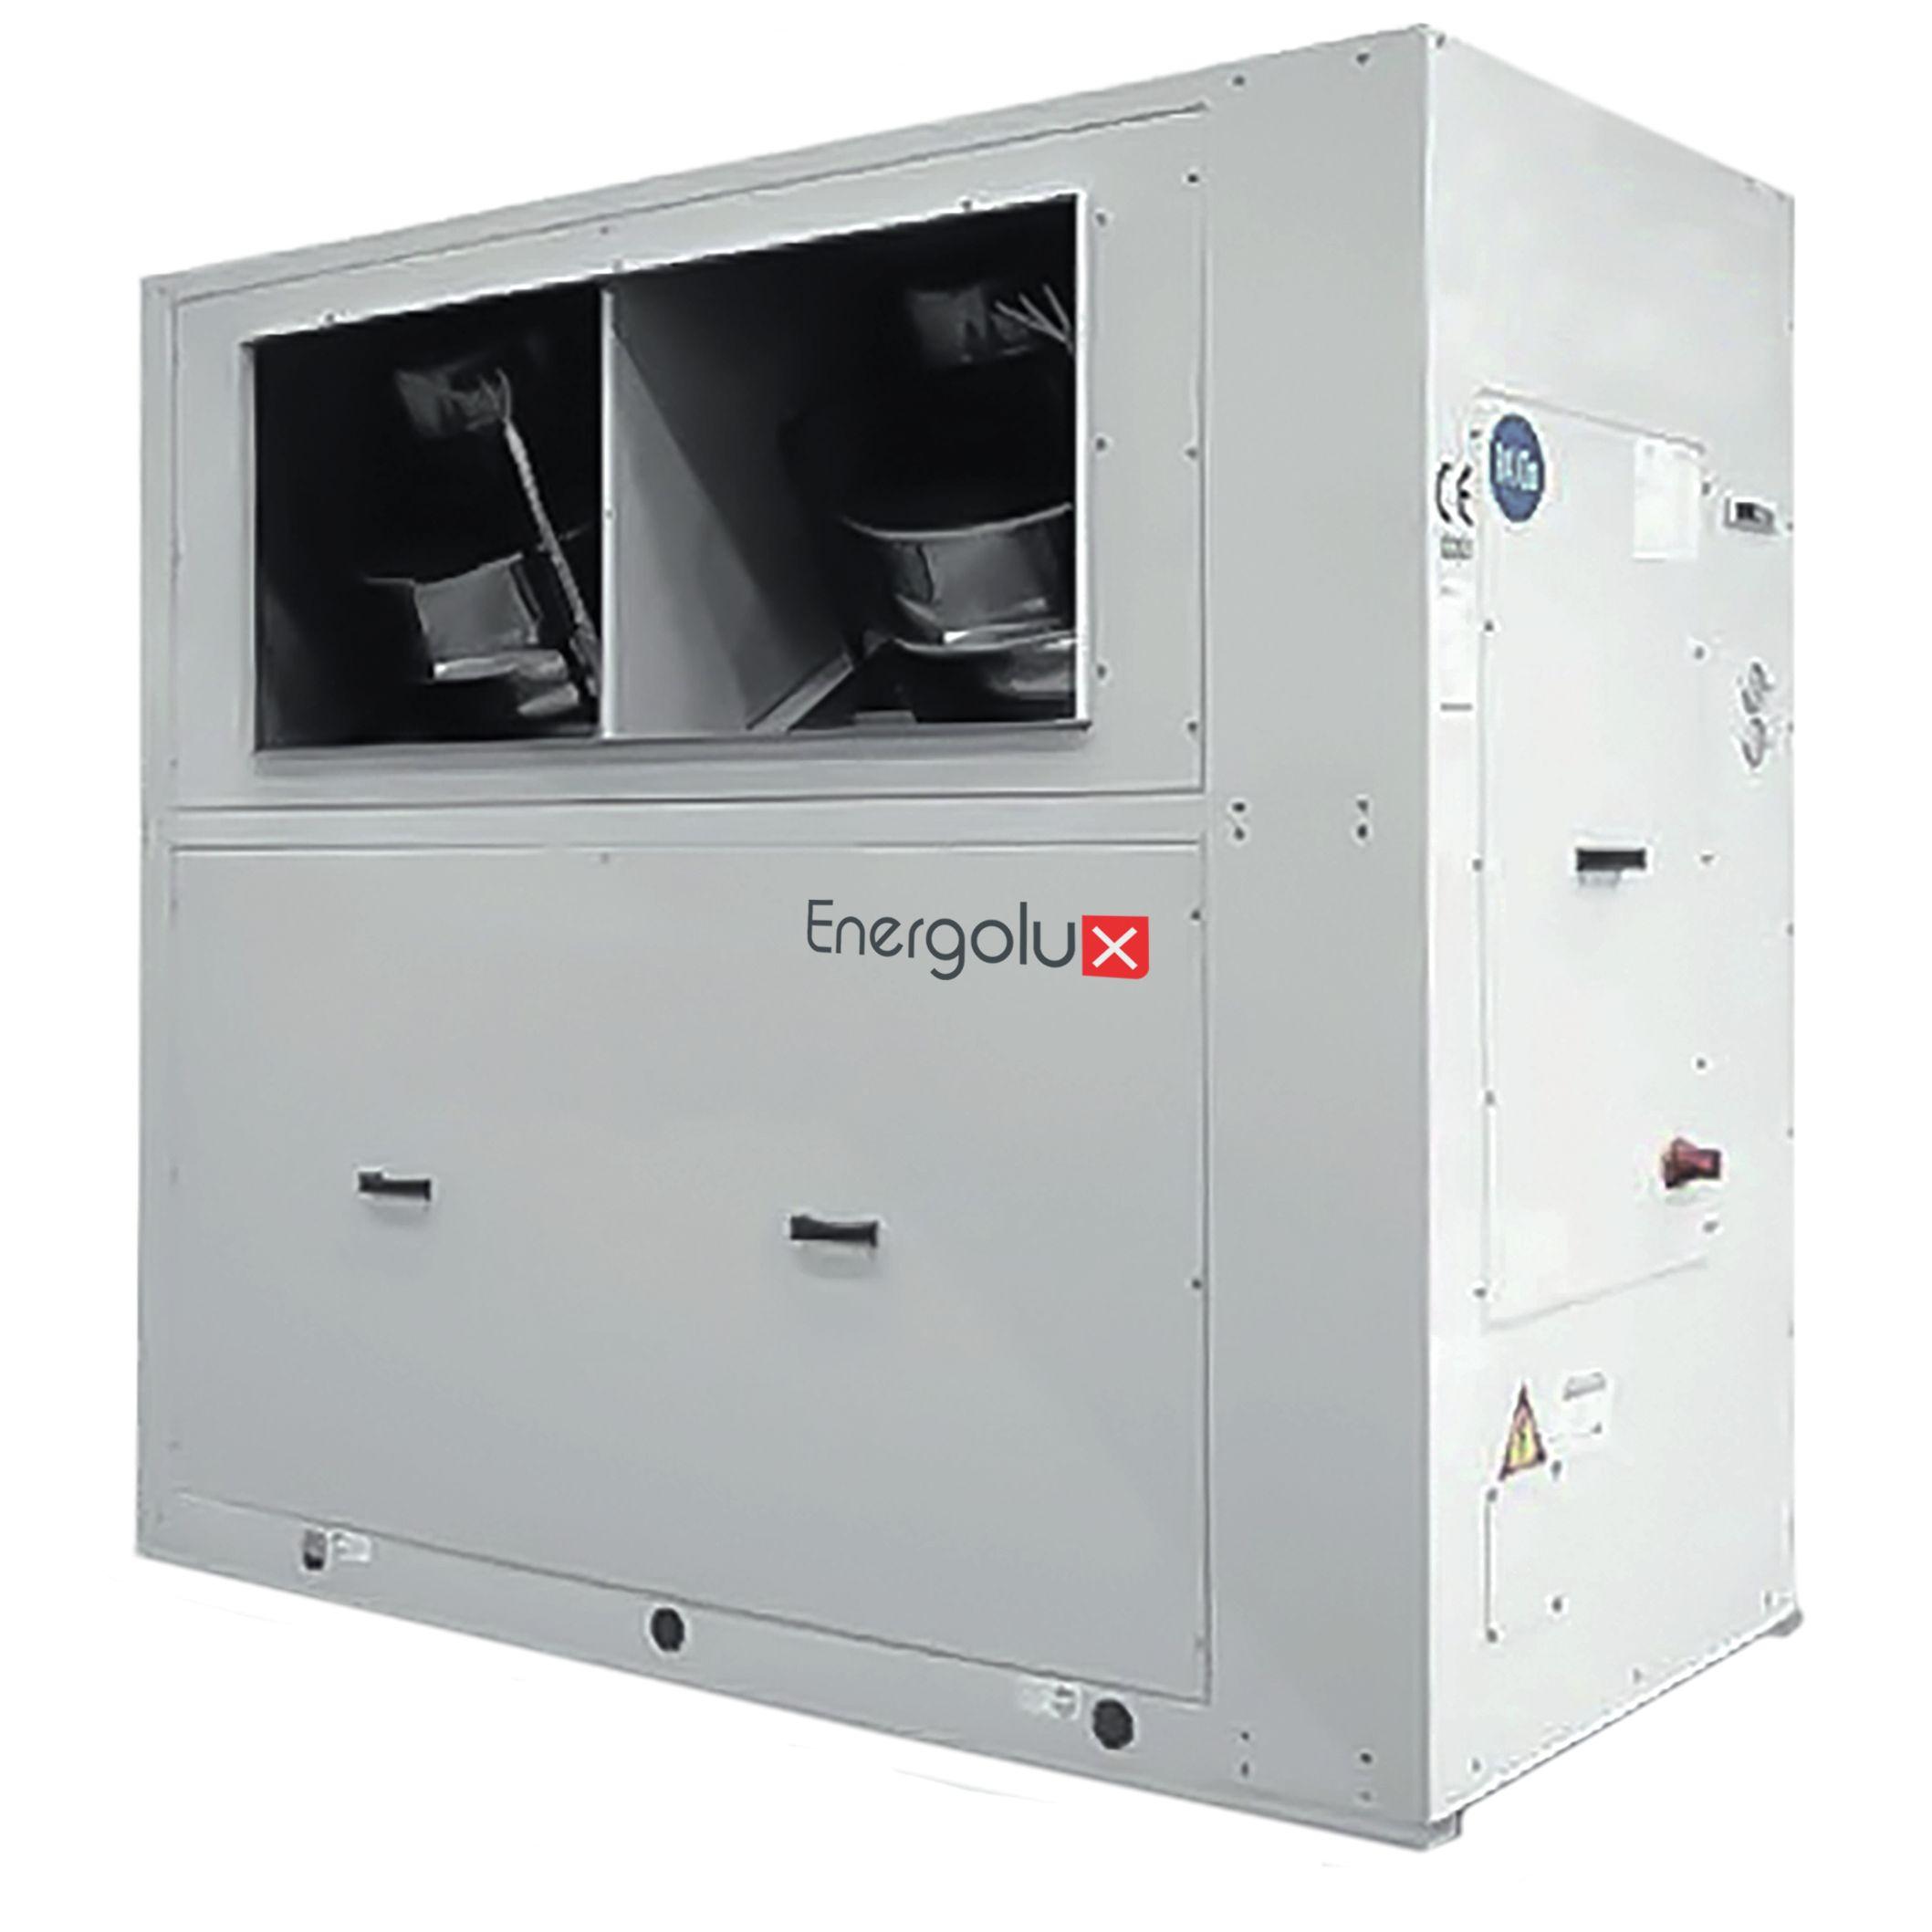 Energolux SCAW-I-T 1190 Z